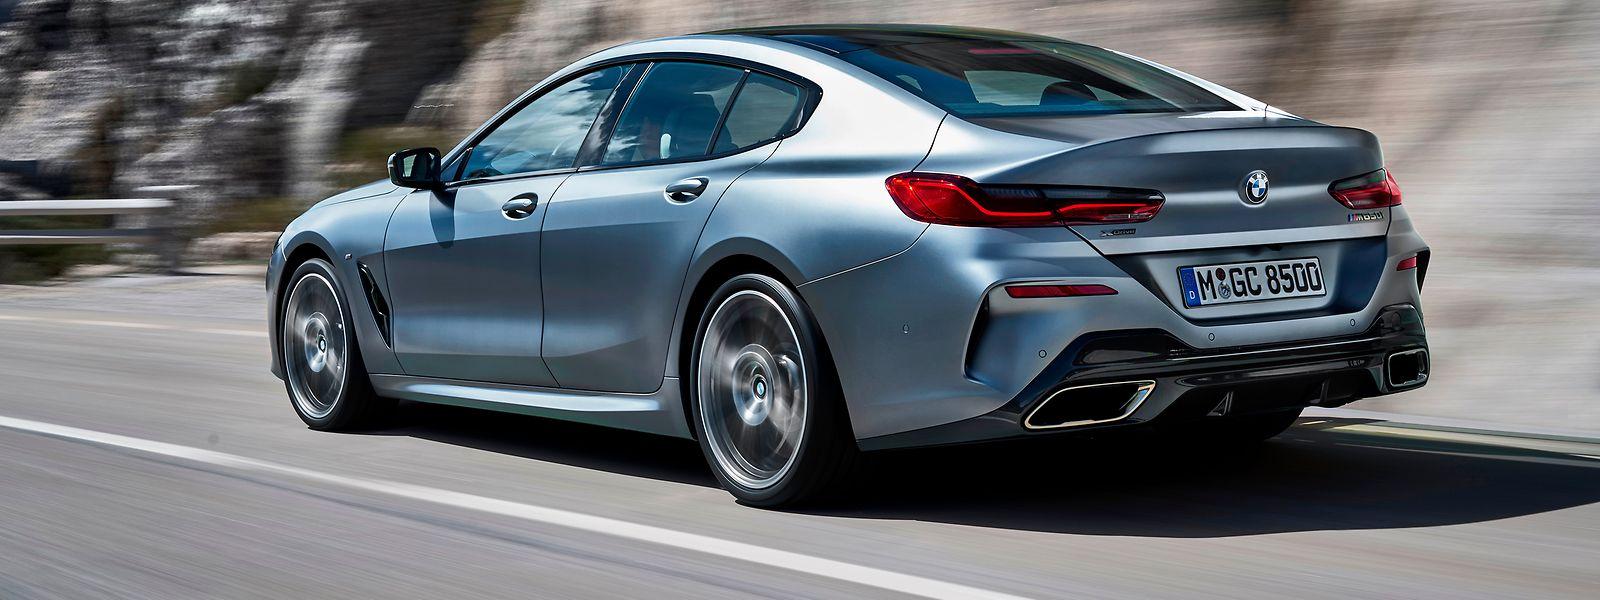 Mit seiner Sportwagen-Charakteristik ist auch das BMW 8er Gran Coupé auf maximale Performance-Eigenschaften ausgerichtet.